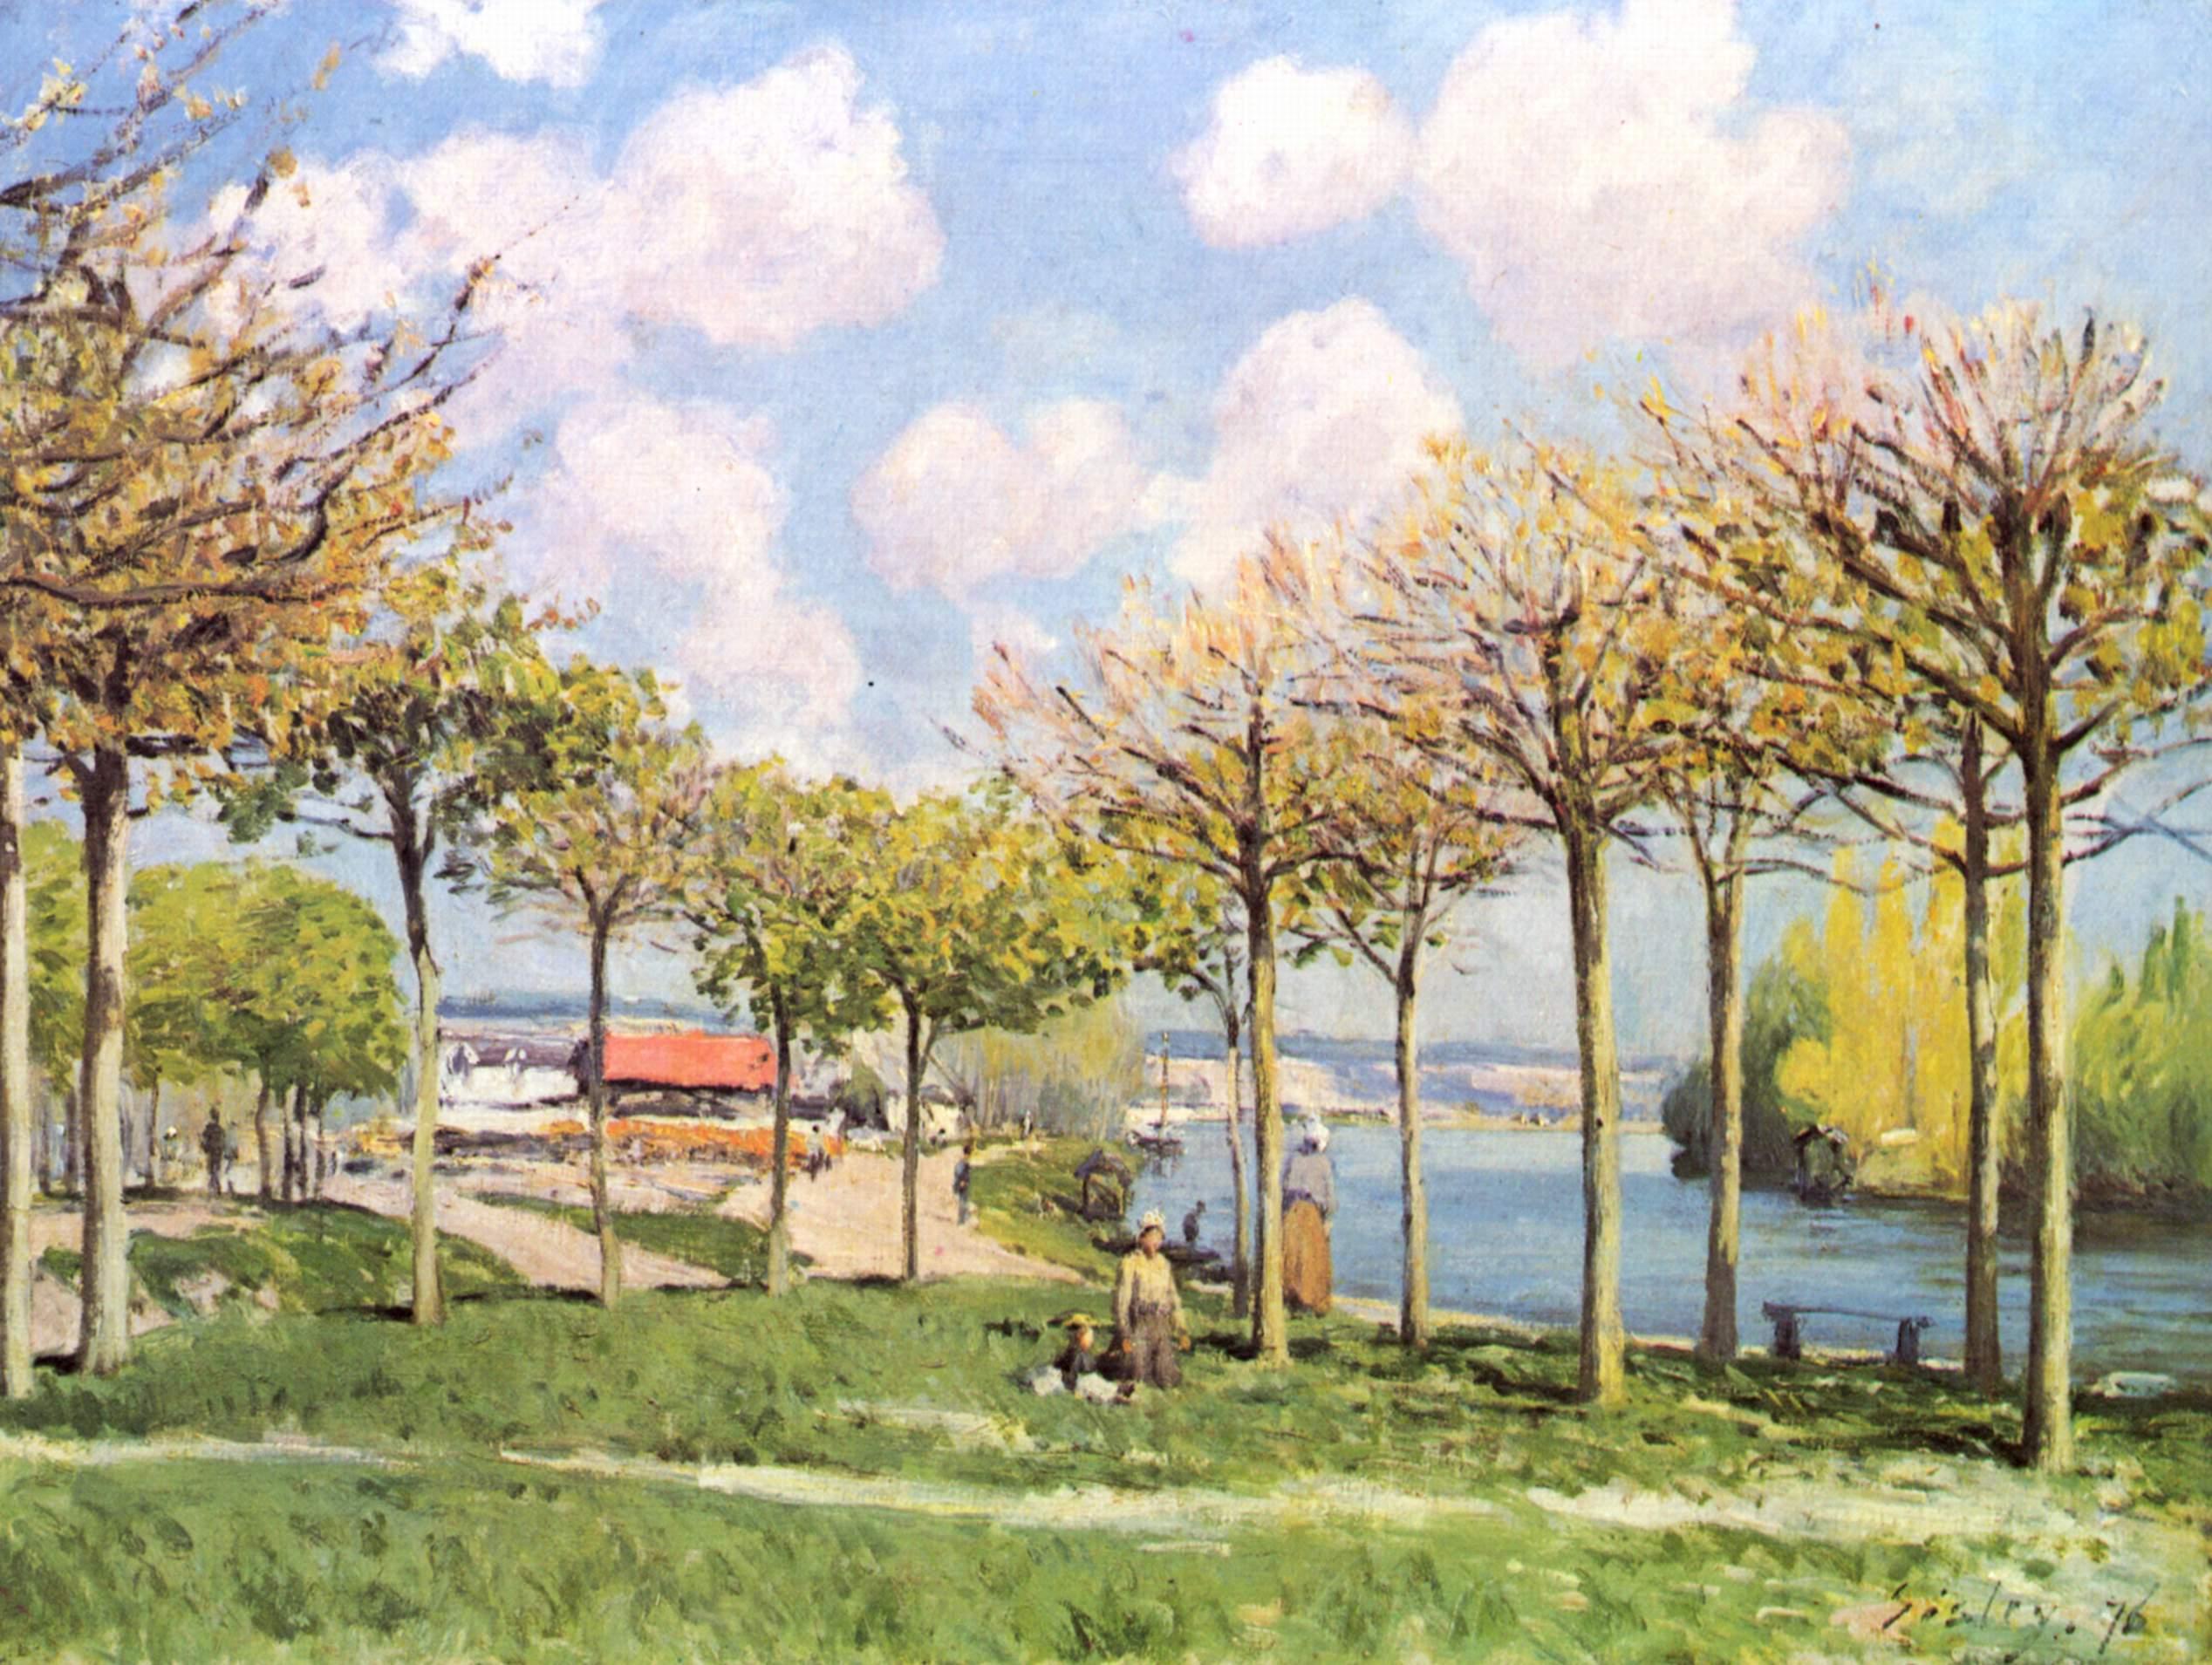 File:Alfred Sisley 018.jpg - Wikimedia Commons